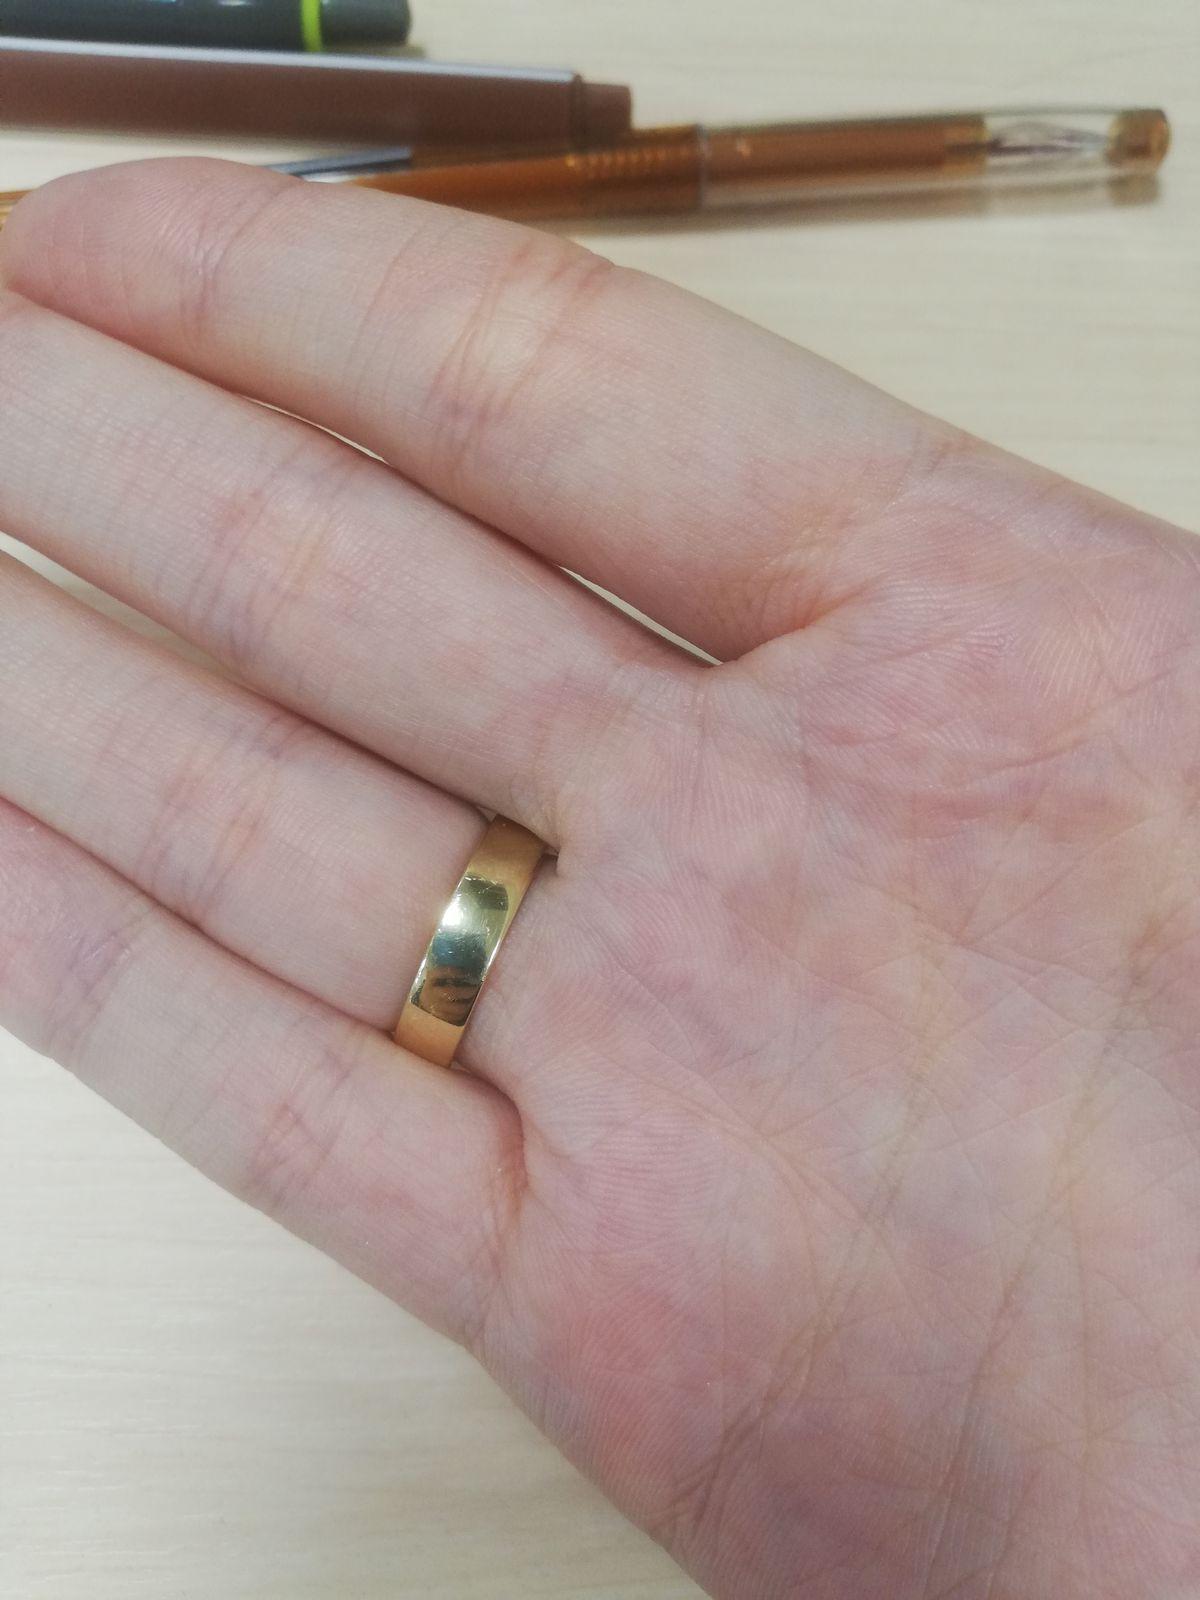 Эффектное кольцо, в жизни лучше чем на фото.